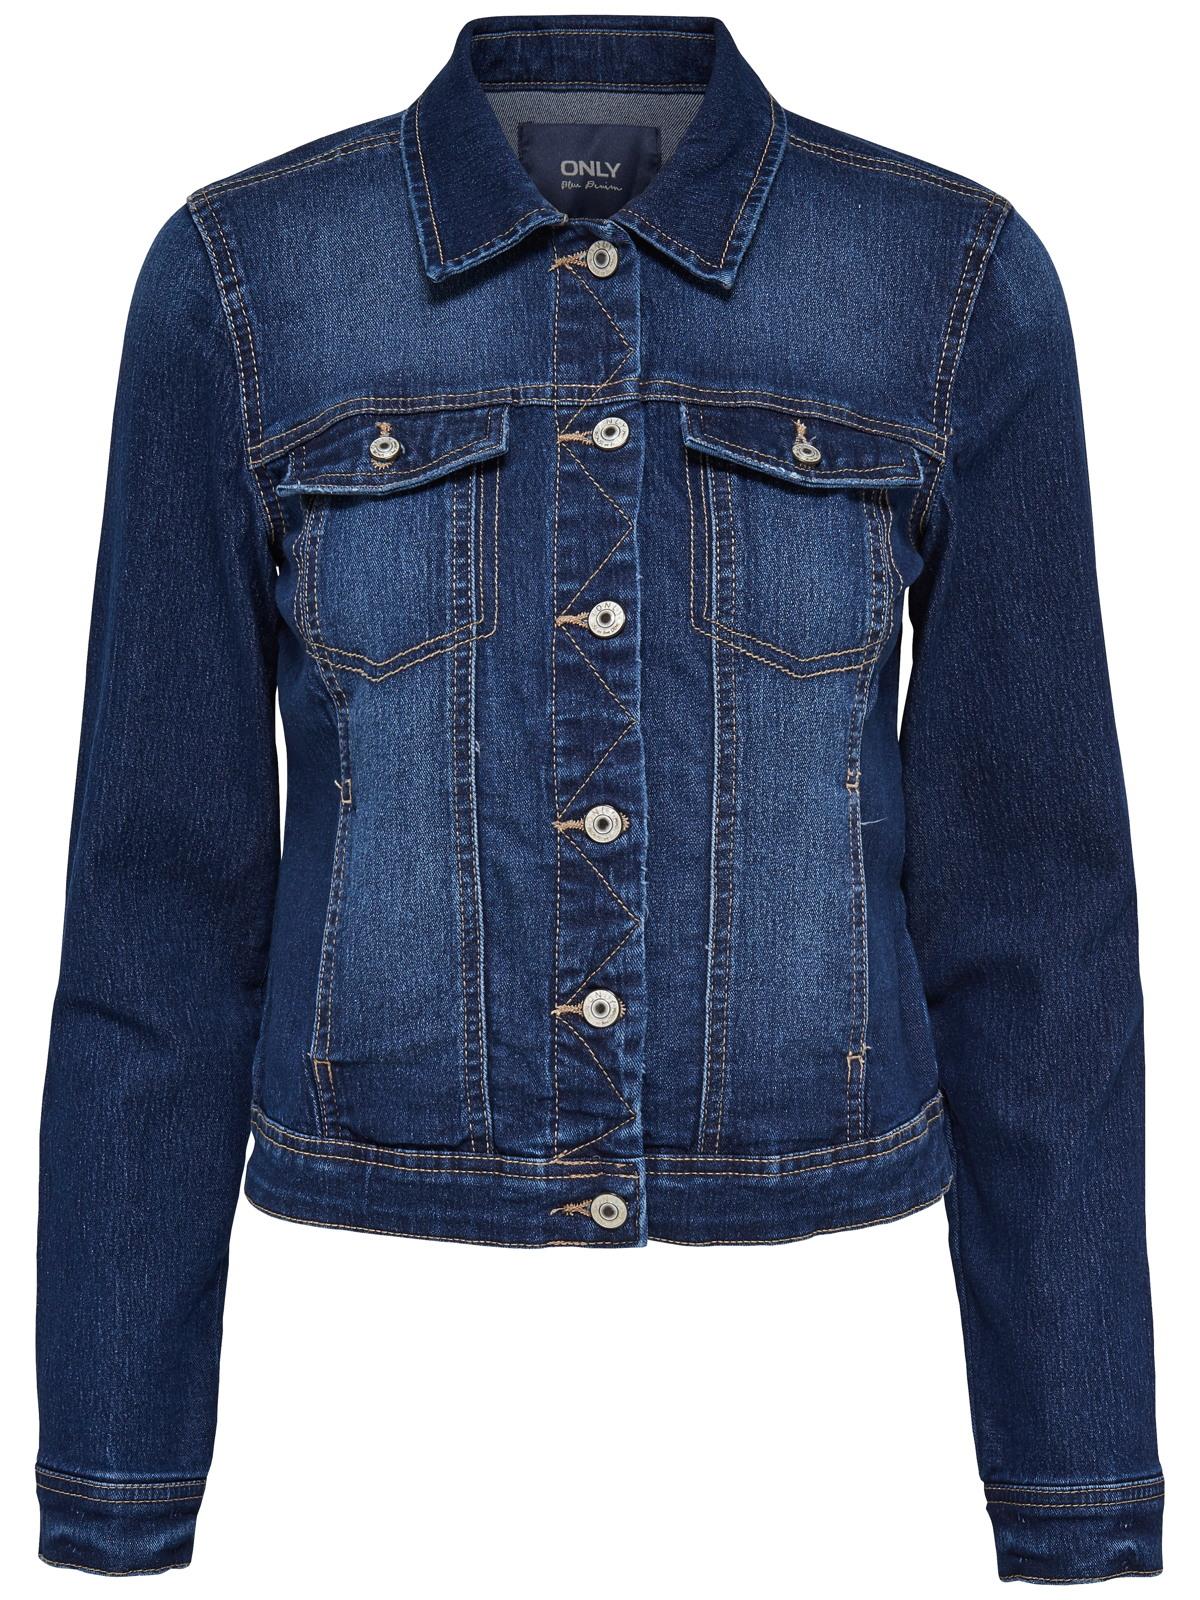 only damen jeans jacke bergangsjacke jacket. Black Bedroom Furniture Sets. Home Design Ideas